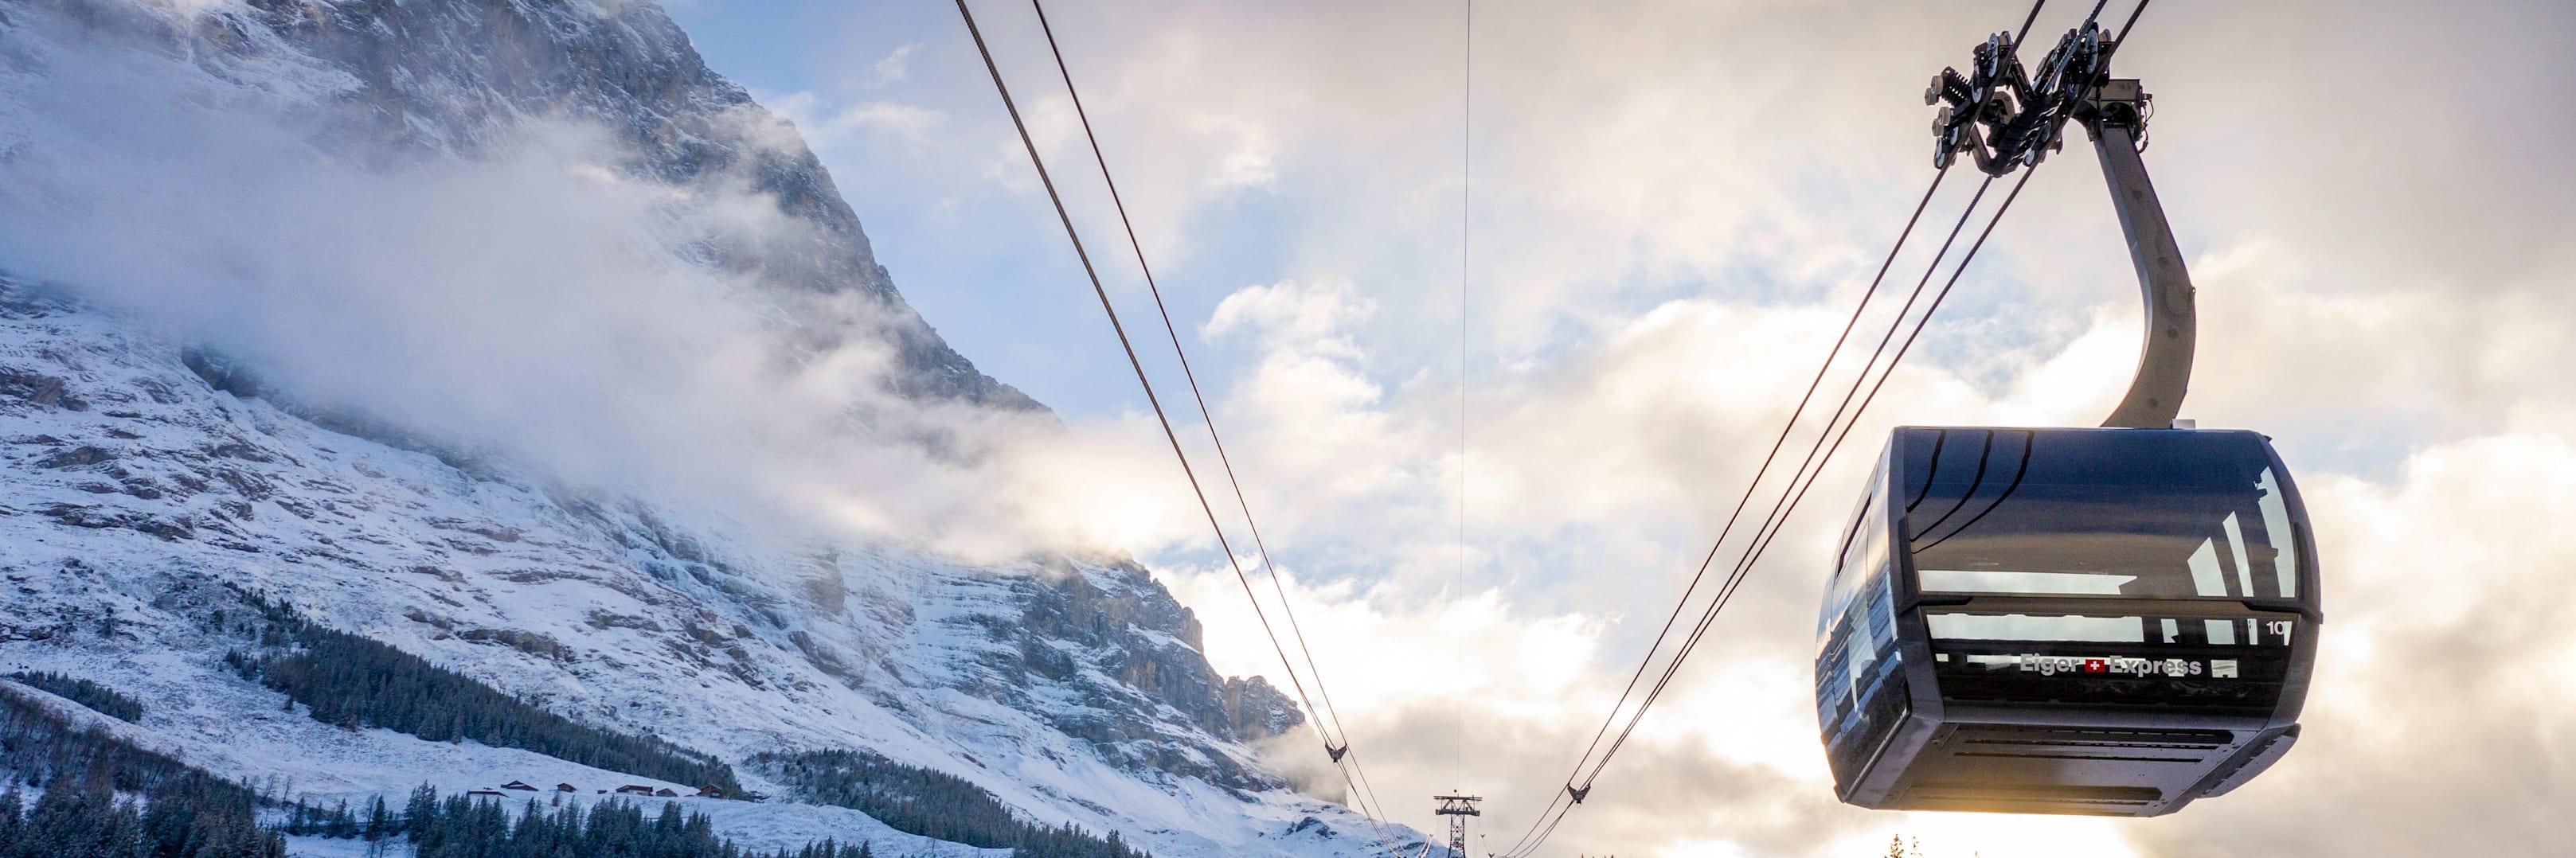 Eiger Express Grindelwald Eigernordwand Abendstimmung Winter